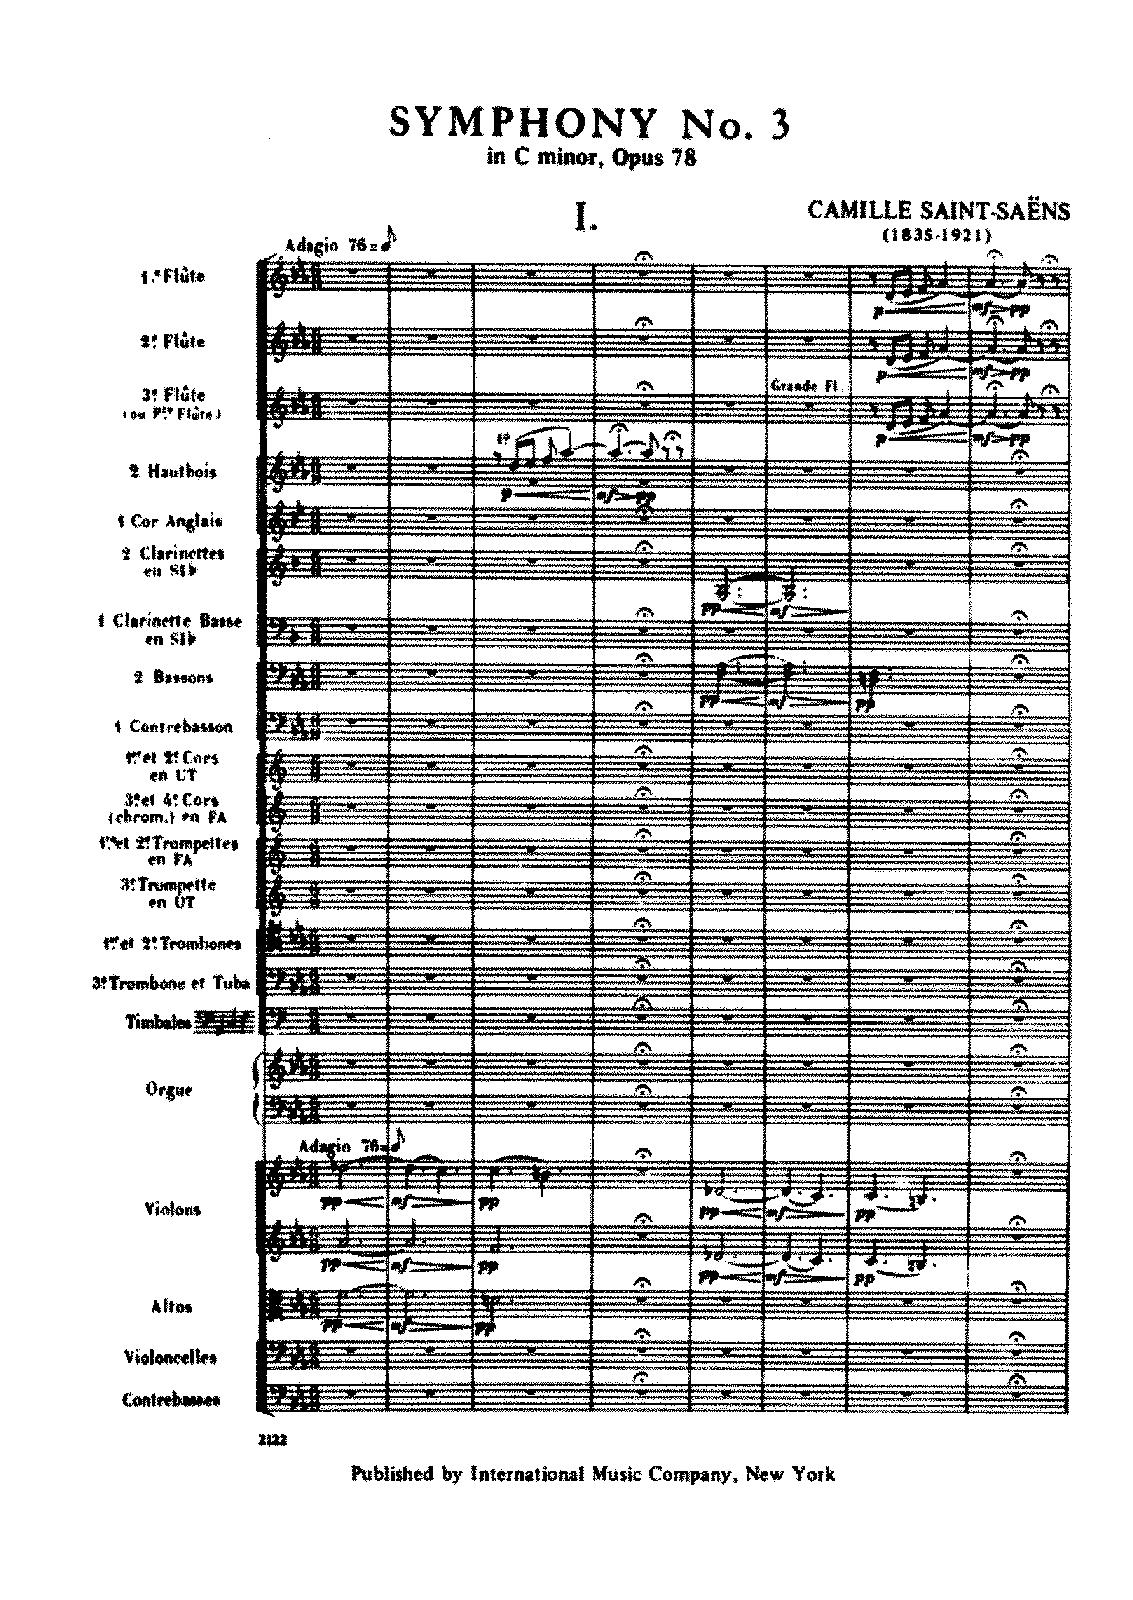 Symphony No 3, Op 78 (Saint-Saëns, Camille) - IMSLP/Petrucci Music